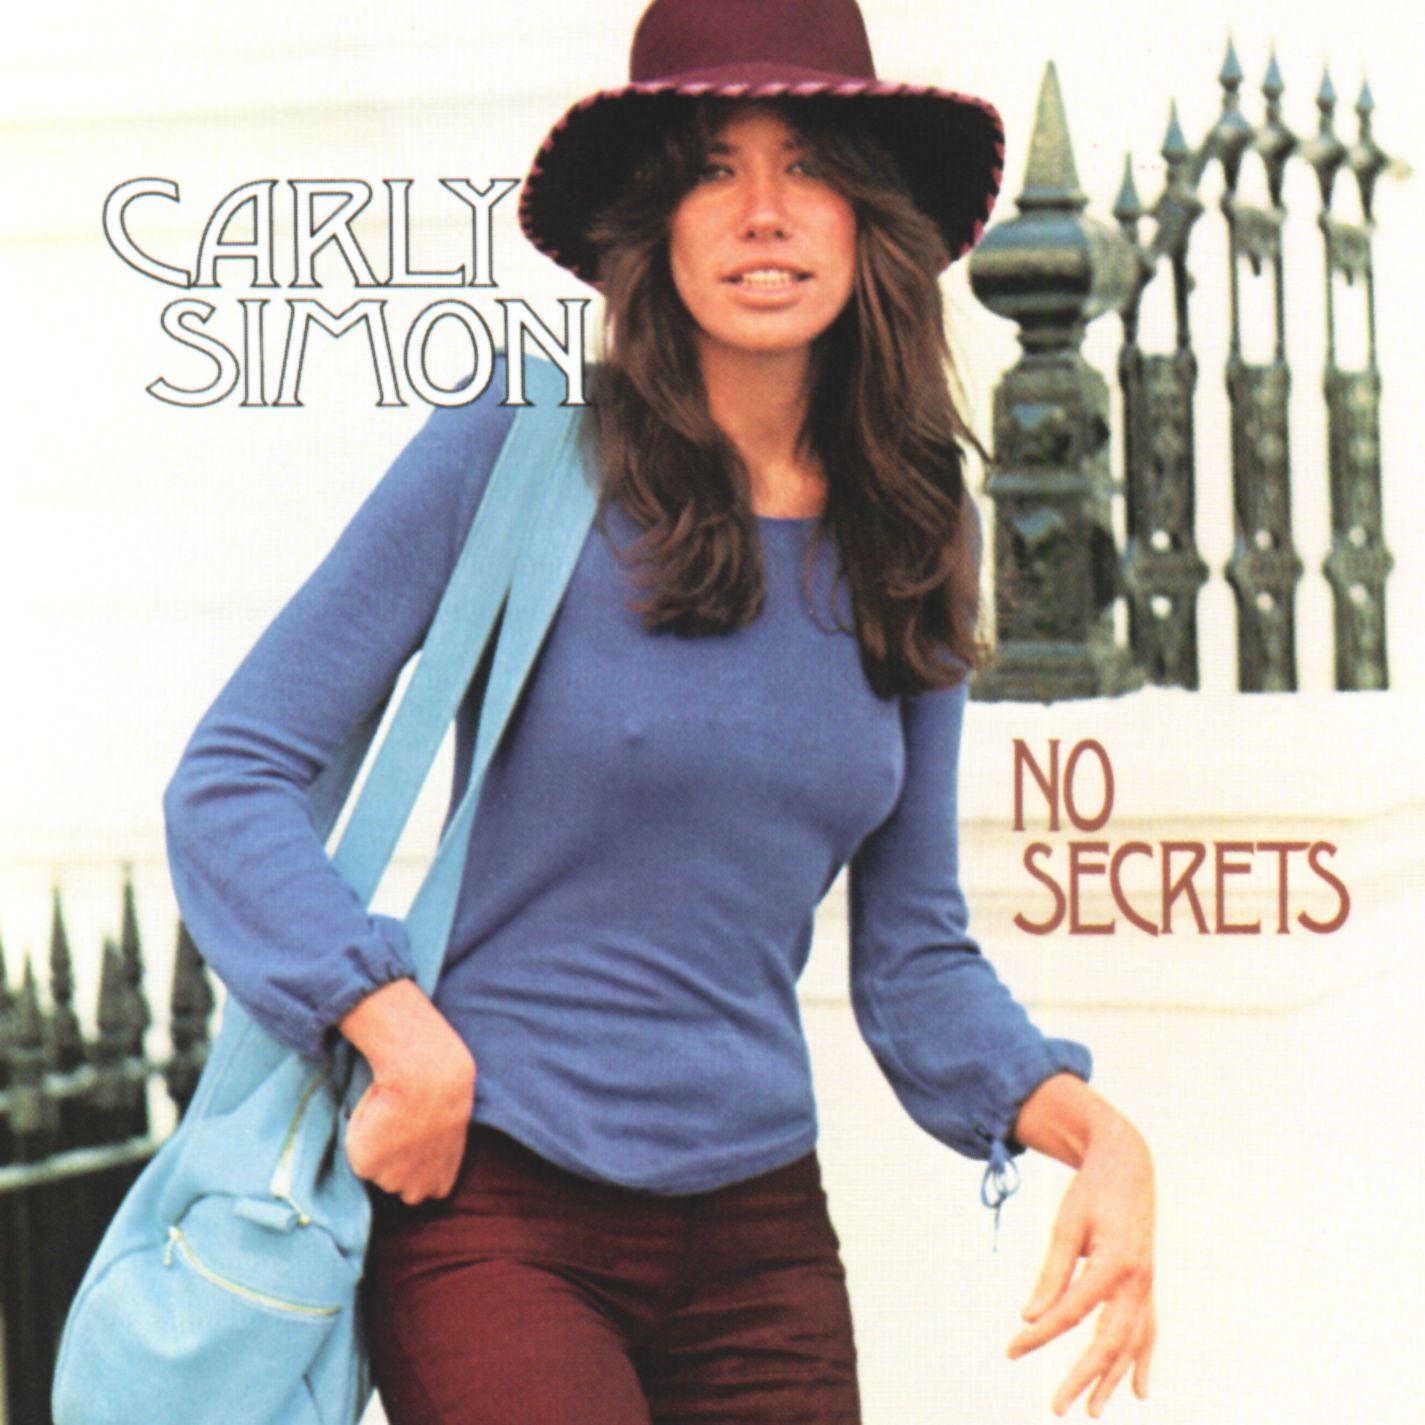 carly-simon-no-secrets